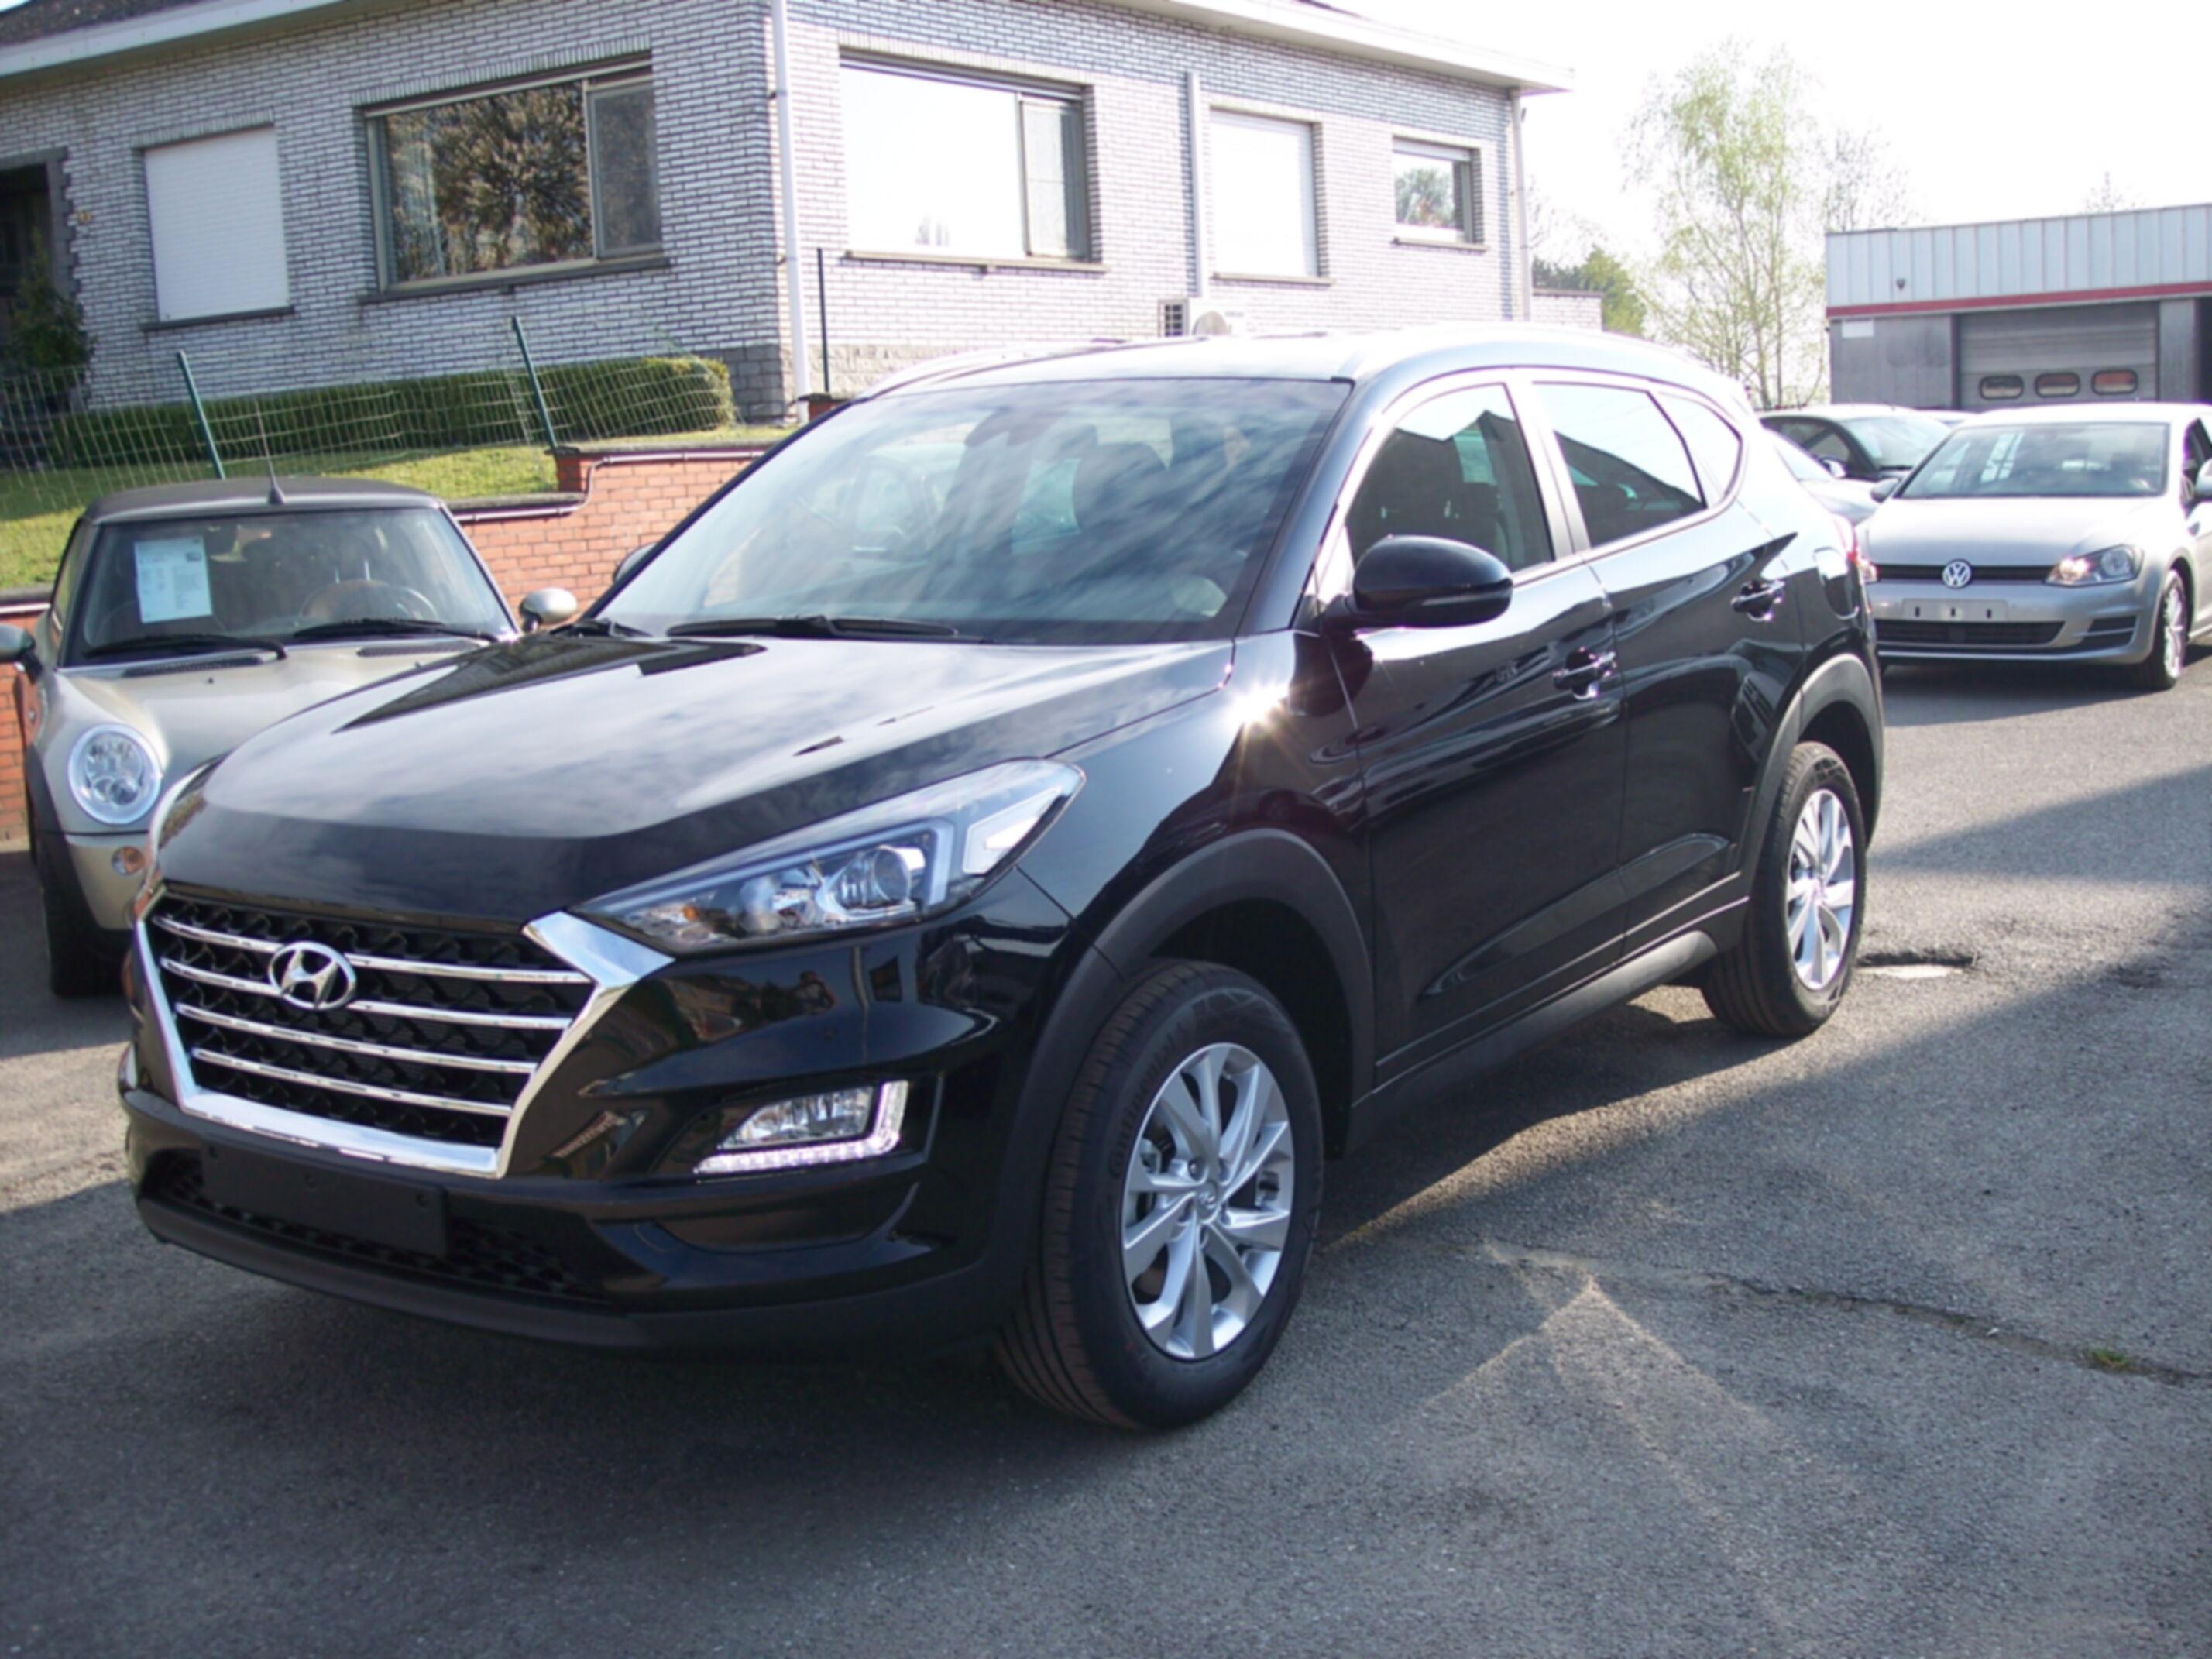 Hyundai Tuson NEW TUCSON 1.6 GDI ISG